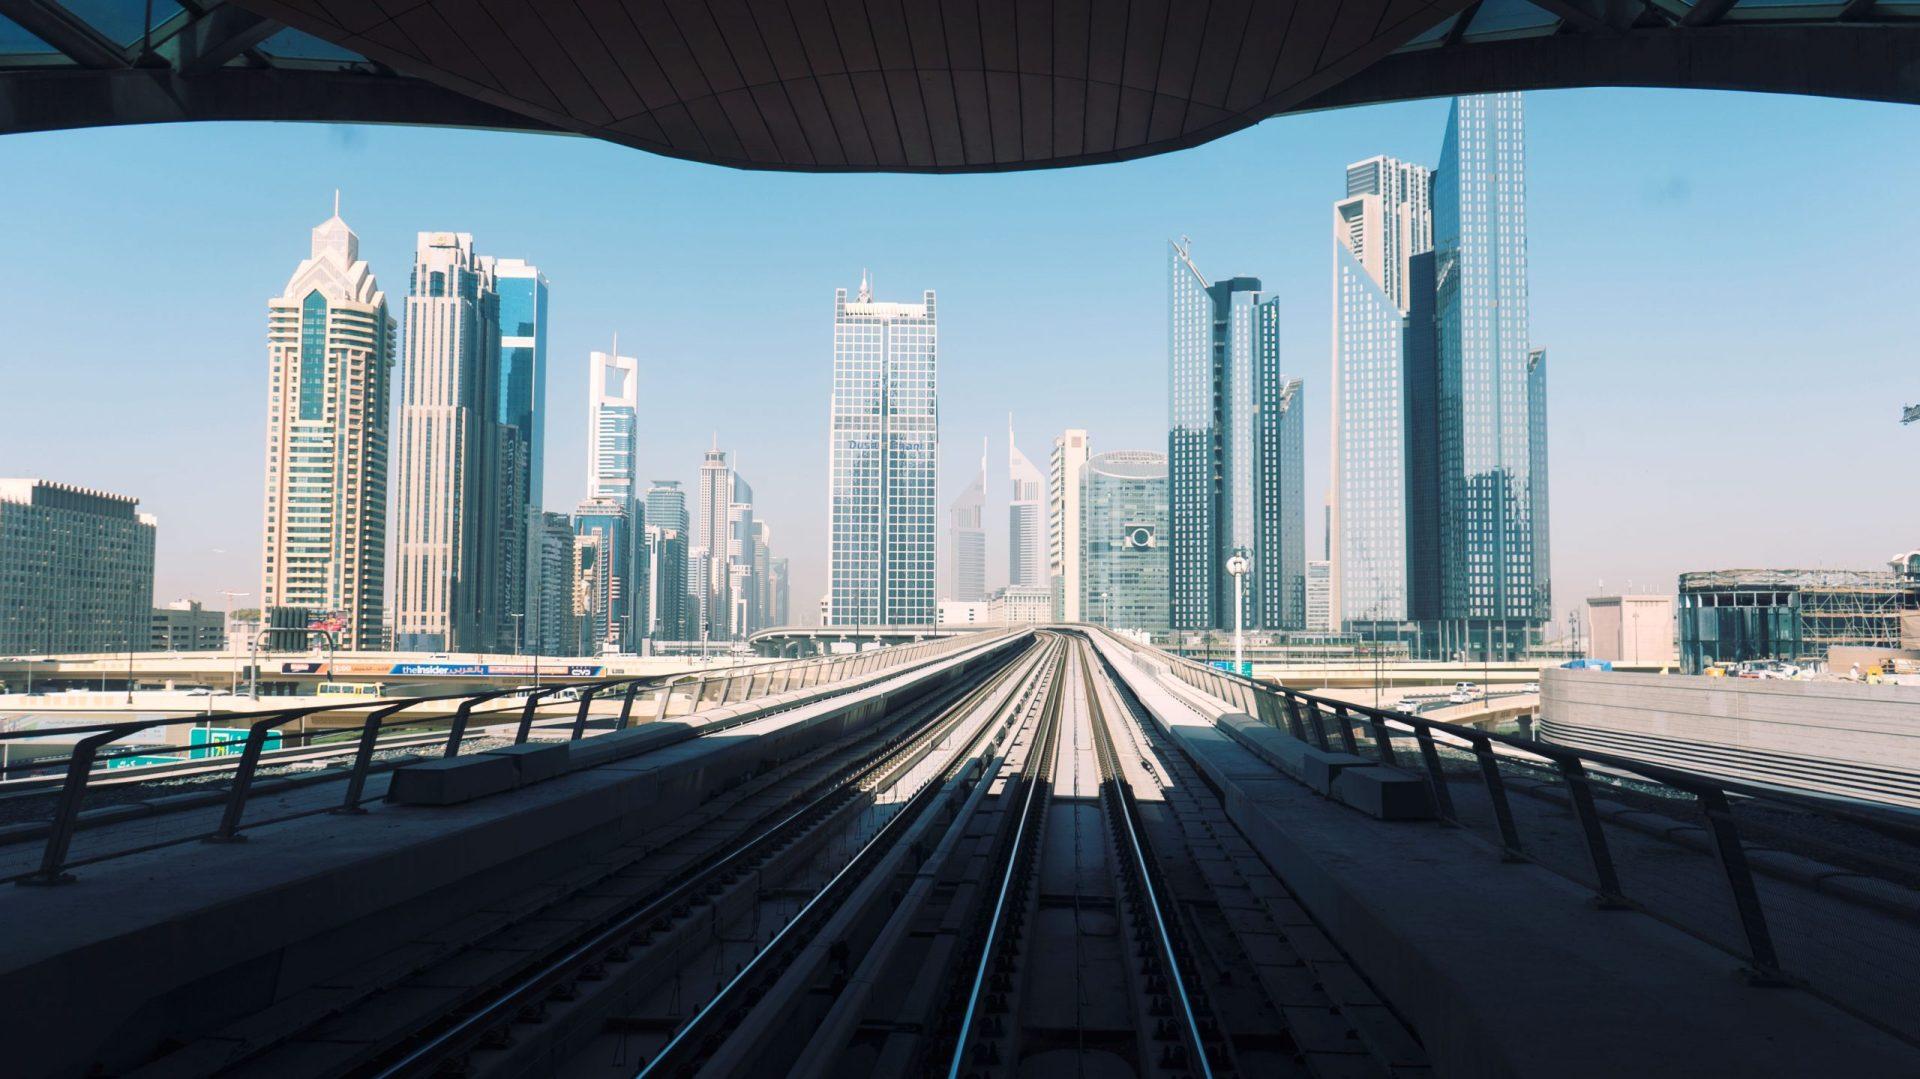 Vue de Dubaï depuis le métro